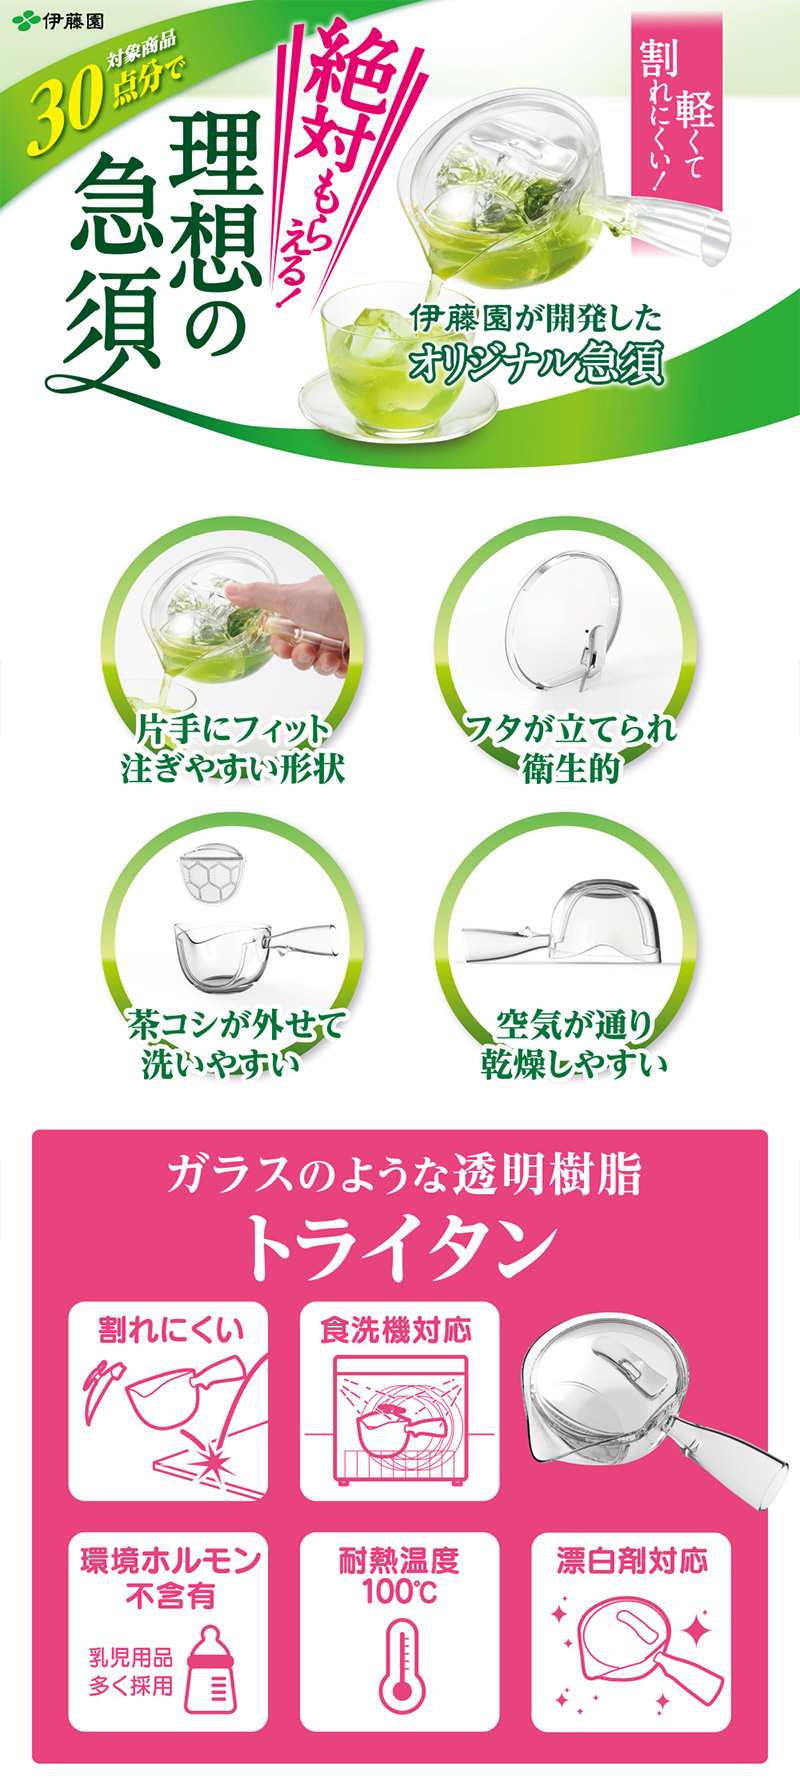 伊藤園 絶対もらえるキャンペーン2018夏 プレゼント懸賞品